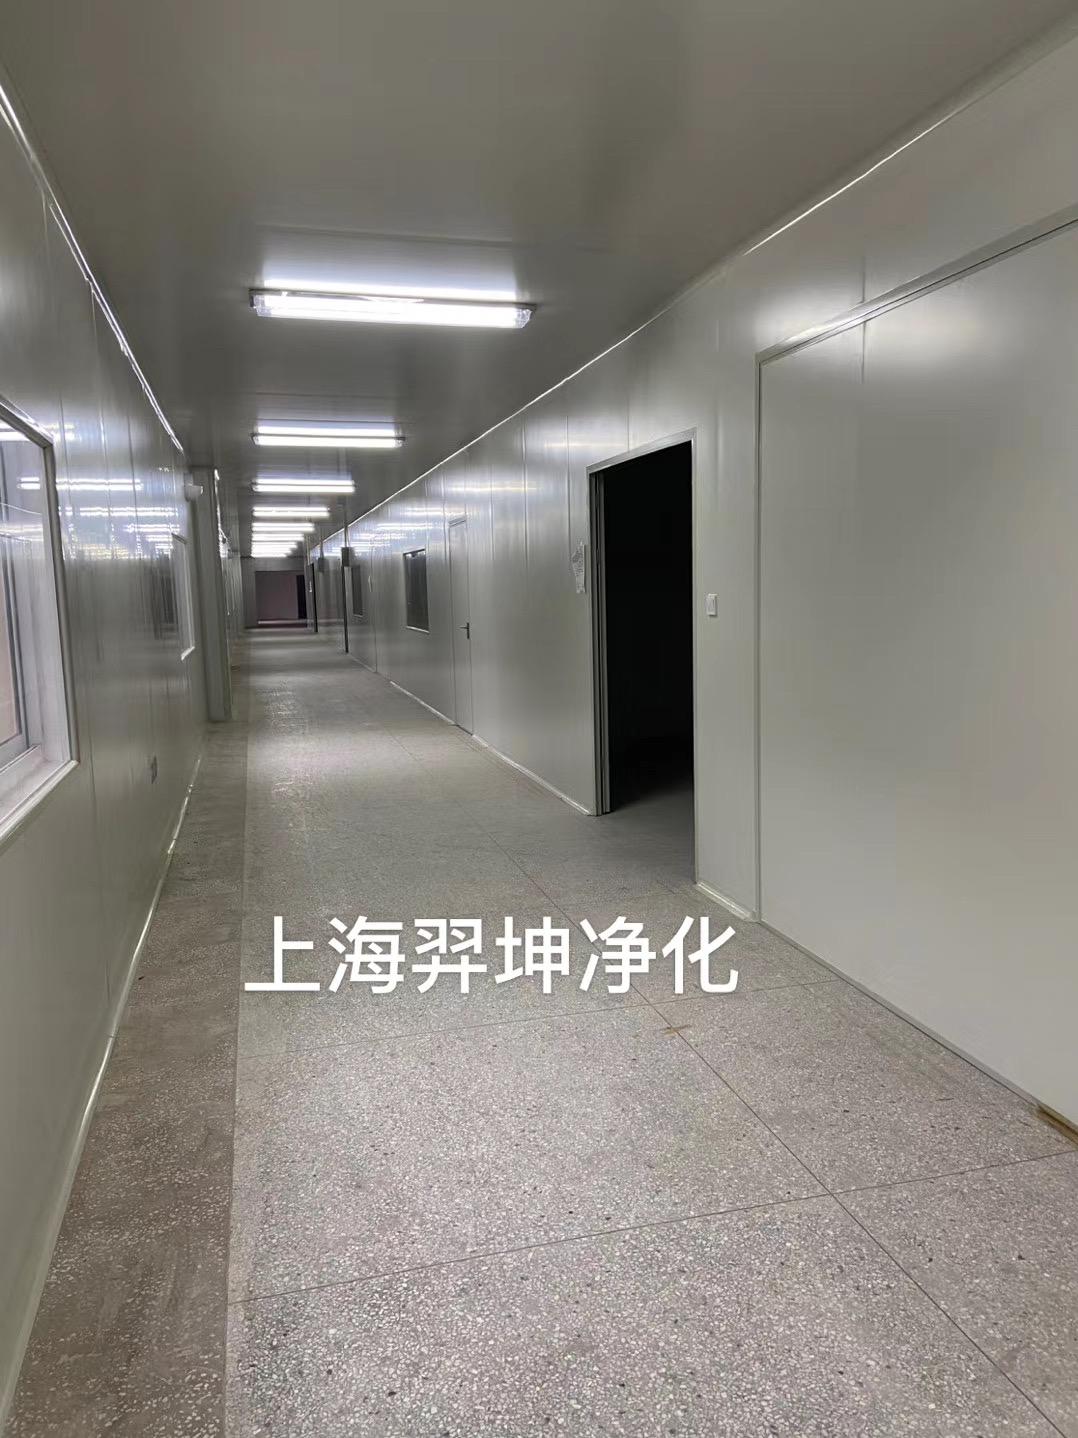 微信圖片_20201217102738.jpg